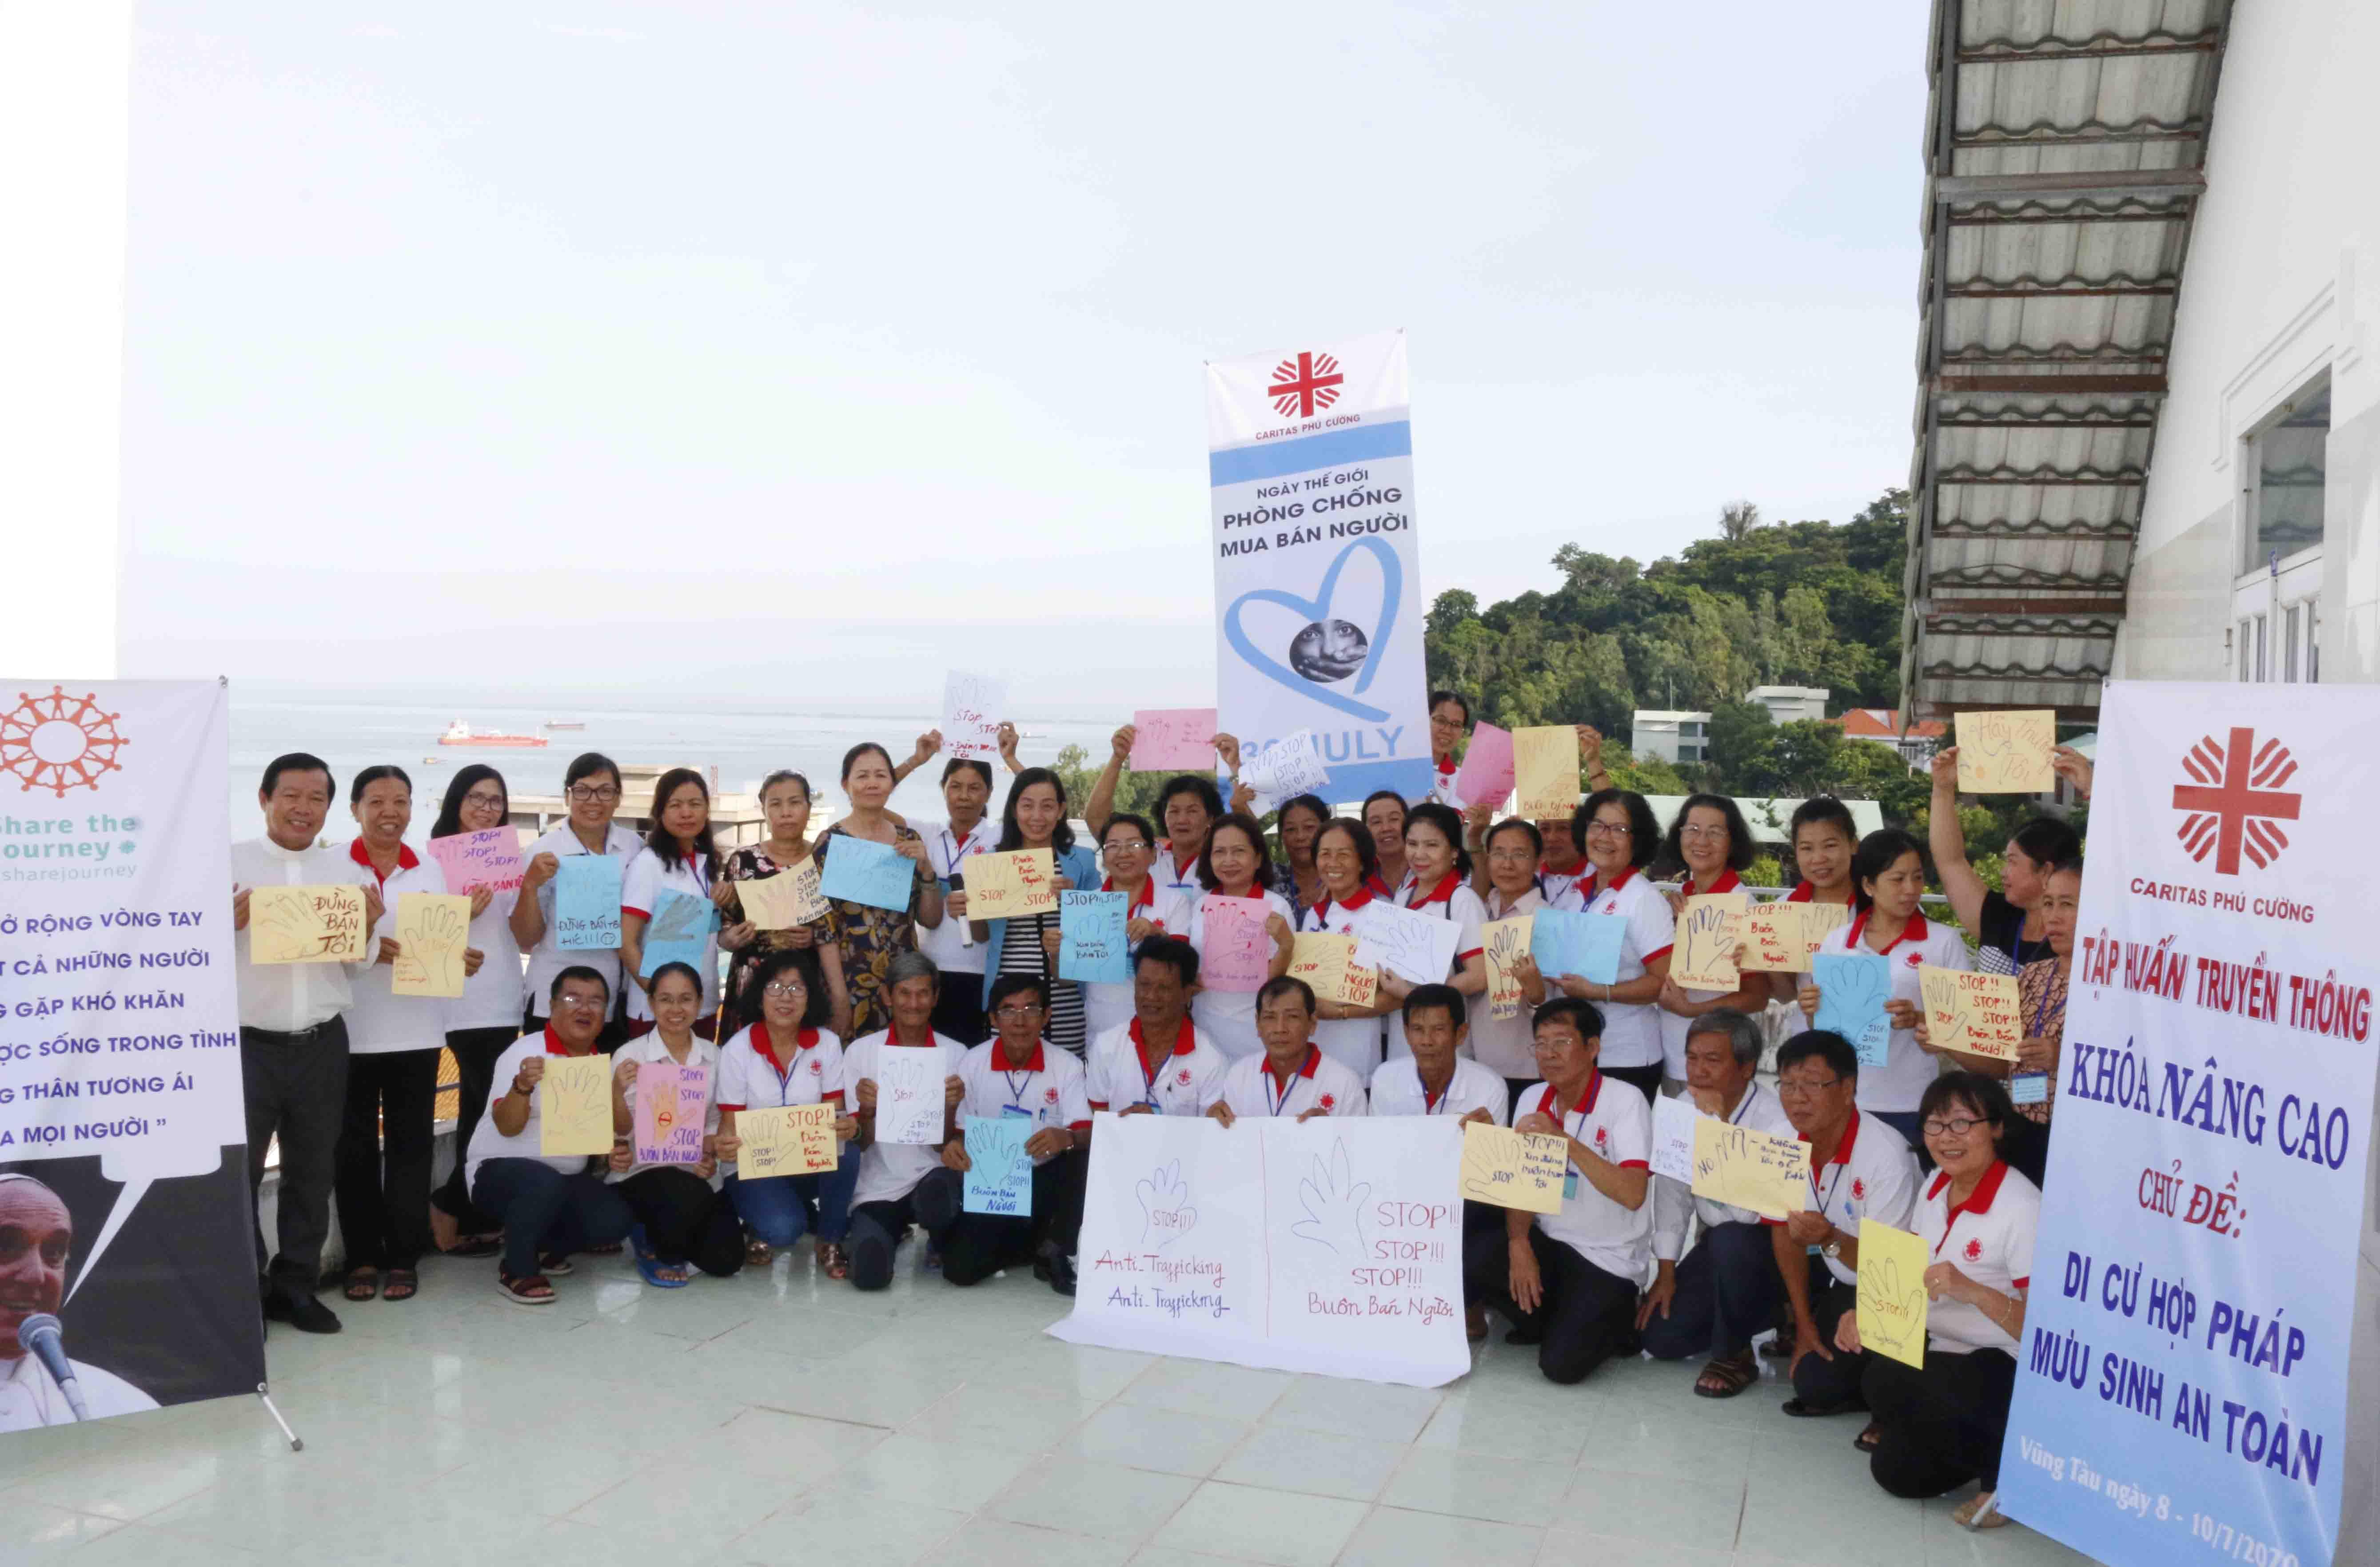 Caritas Phú Cường: Tập Huấn Nâng Cao Kỹ Năng Truyền Thông Phòng Tránh Buôn Người